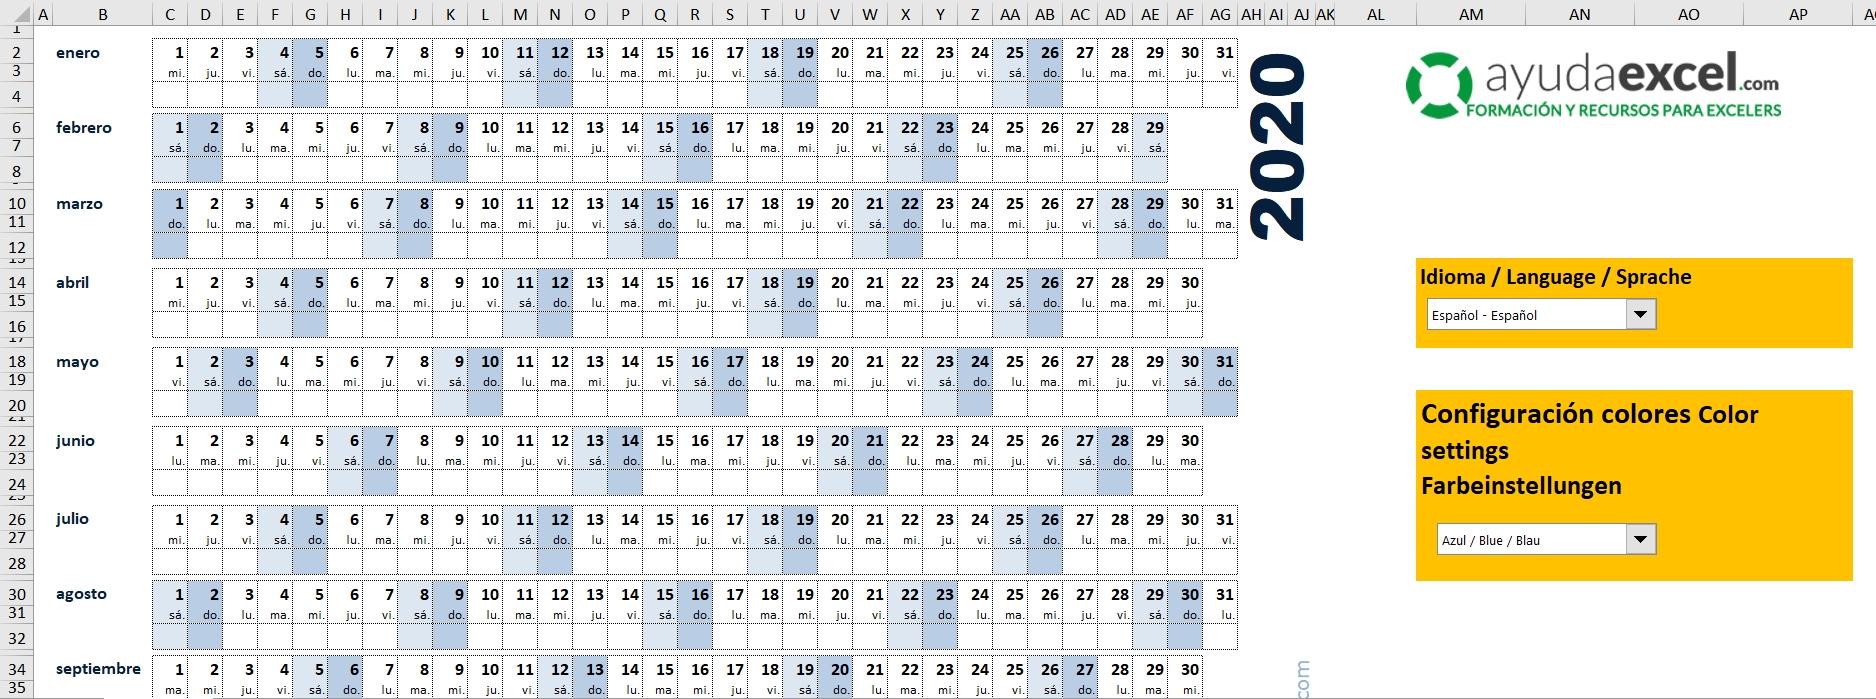 Plantillas Calendario En Excel 2020 - Ayuda Excel  Calenadrio Juliano 2020